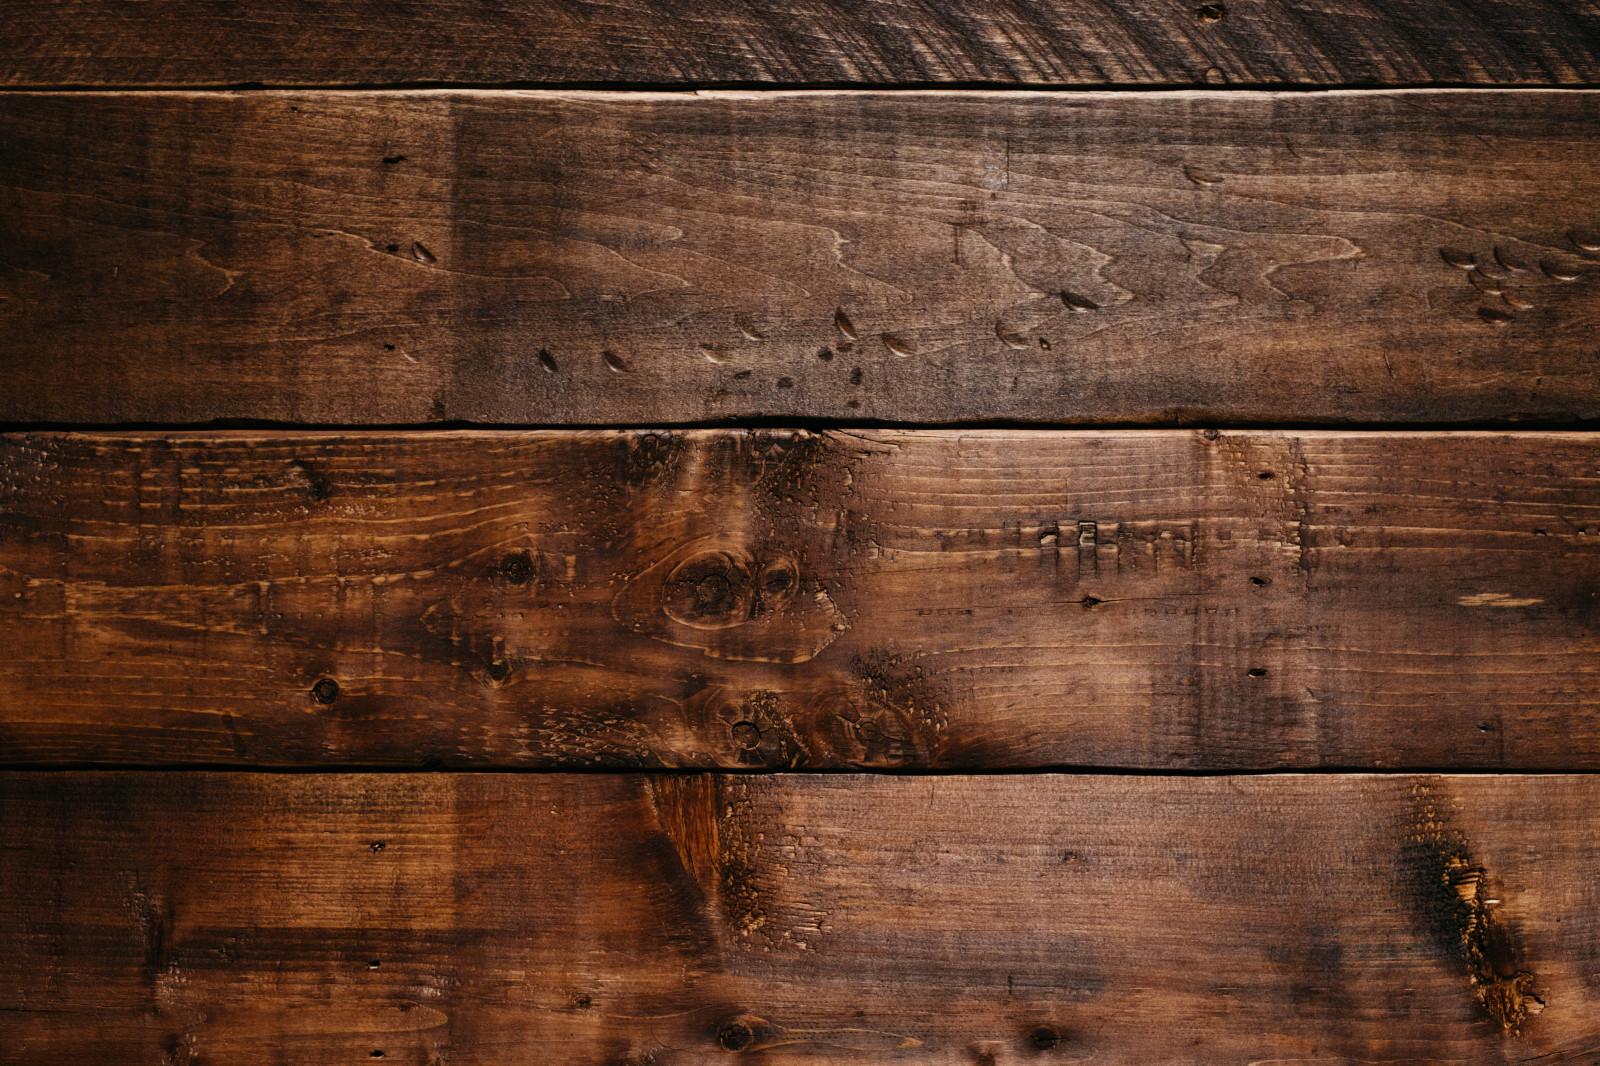 fond d u0026 39  u00e9cran   planches  bois  texture 6000x4000